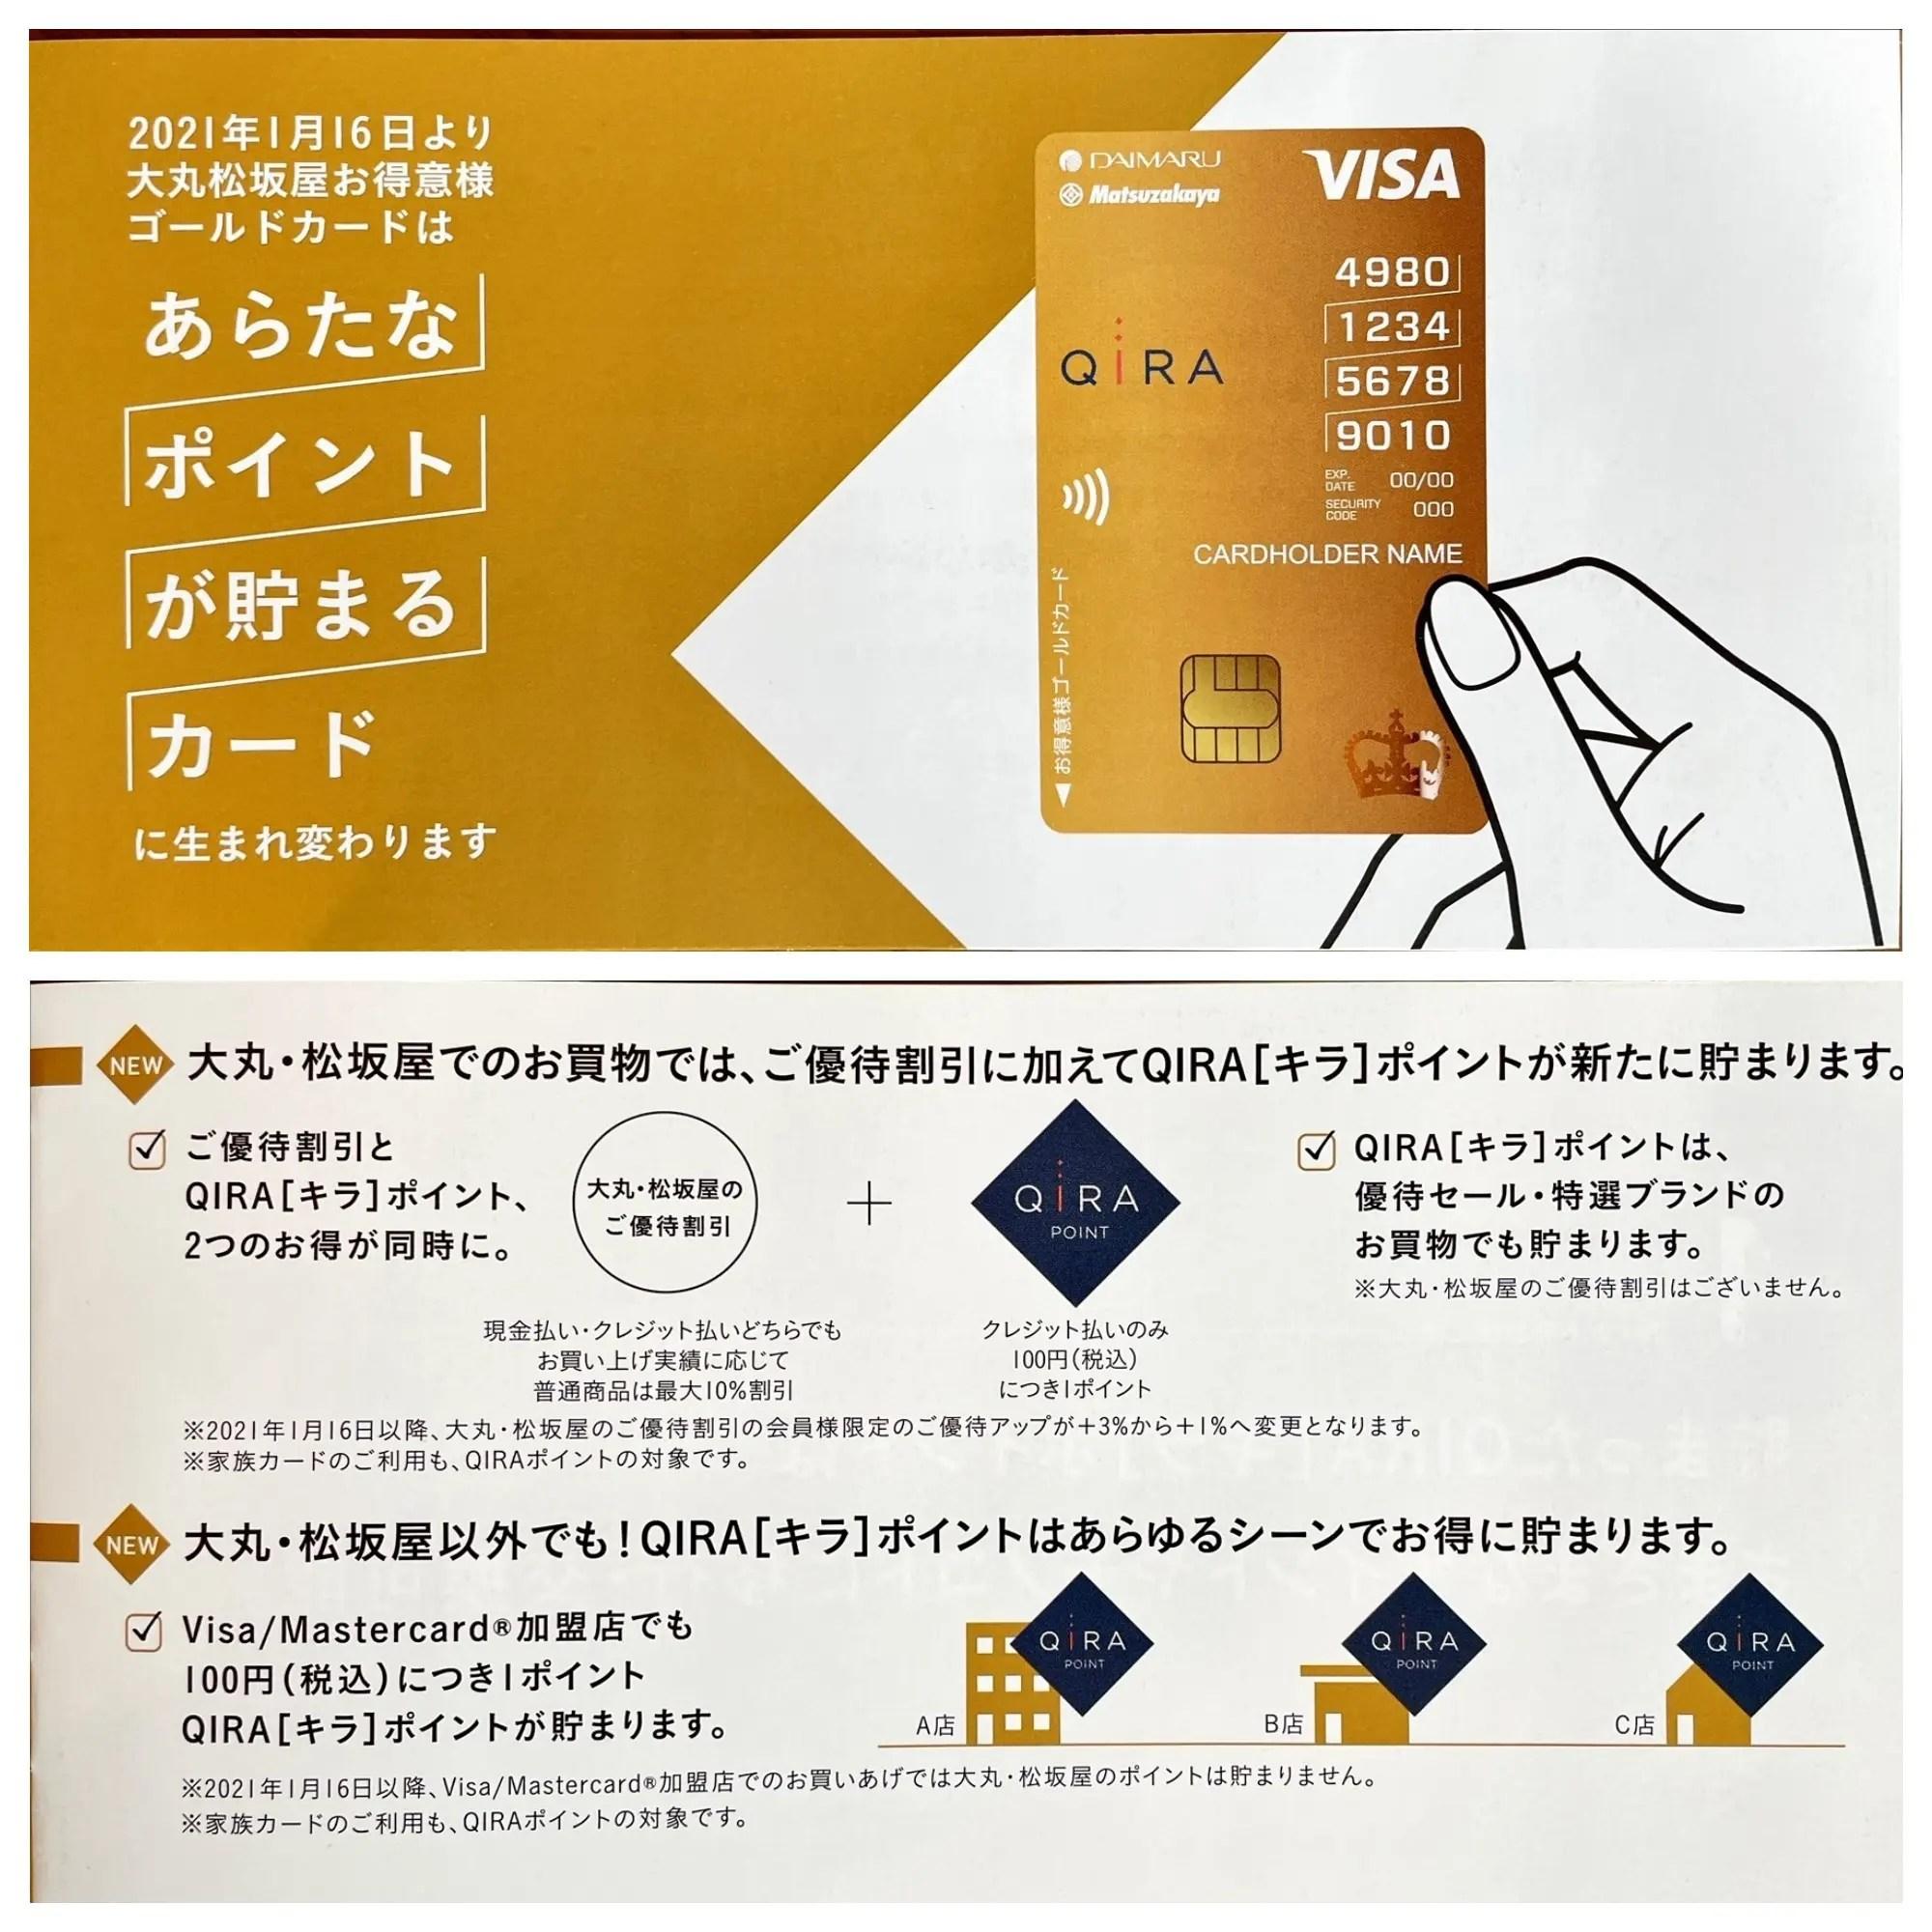 【改悪】大丸松坂屋お得意様ゴールドカードがリニューアル!(年会費アップ、優待アップ率低下)